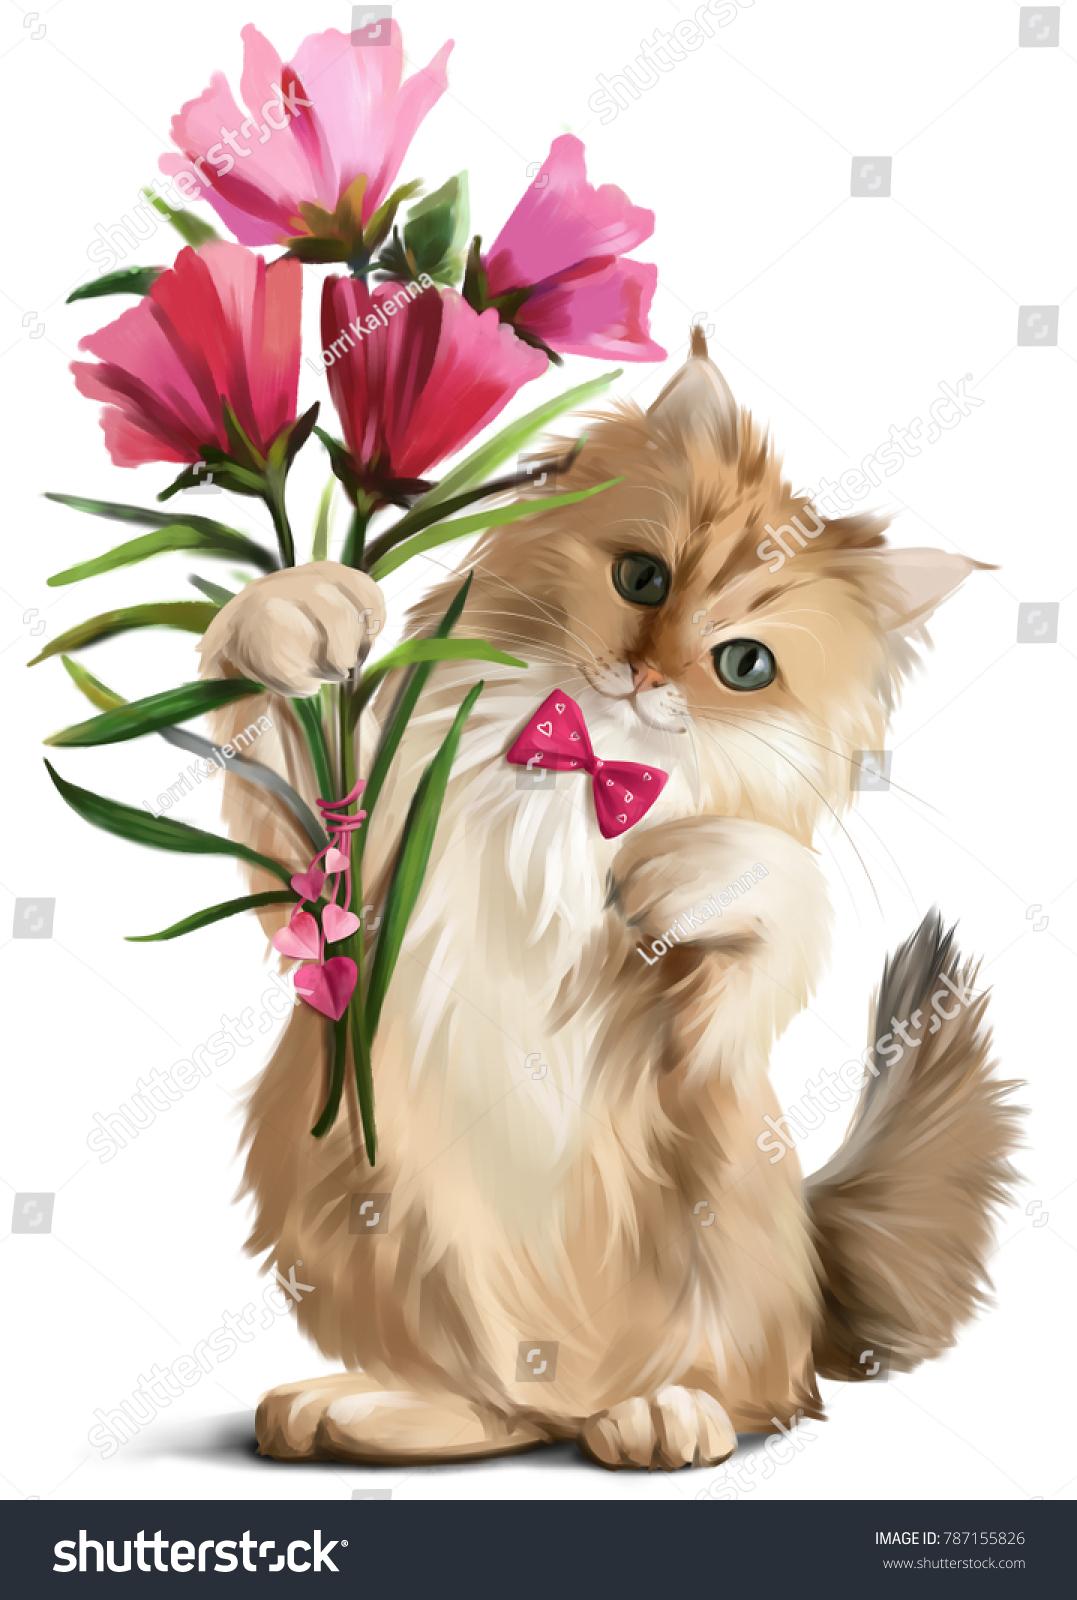 Modern Kitten Flower Bouquet Ornament - Wedding and flowers ...